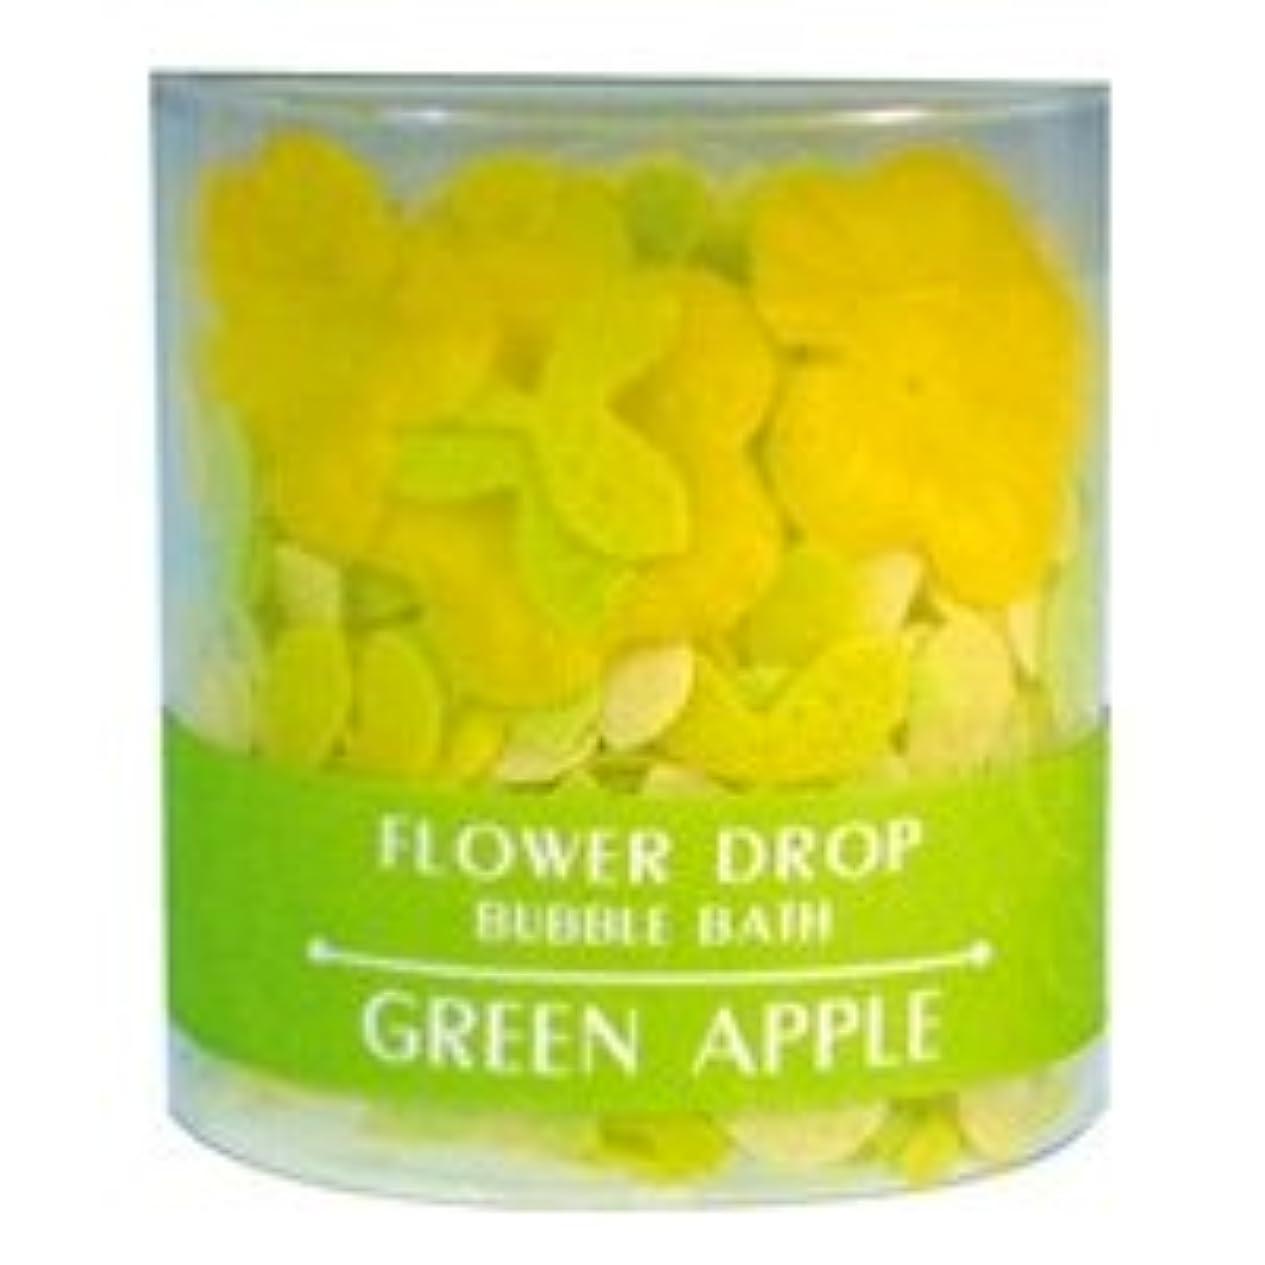 感謝土地衣服フラワードロップ「グリーンアップル」20個セット 二葉の形のペタル